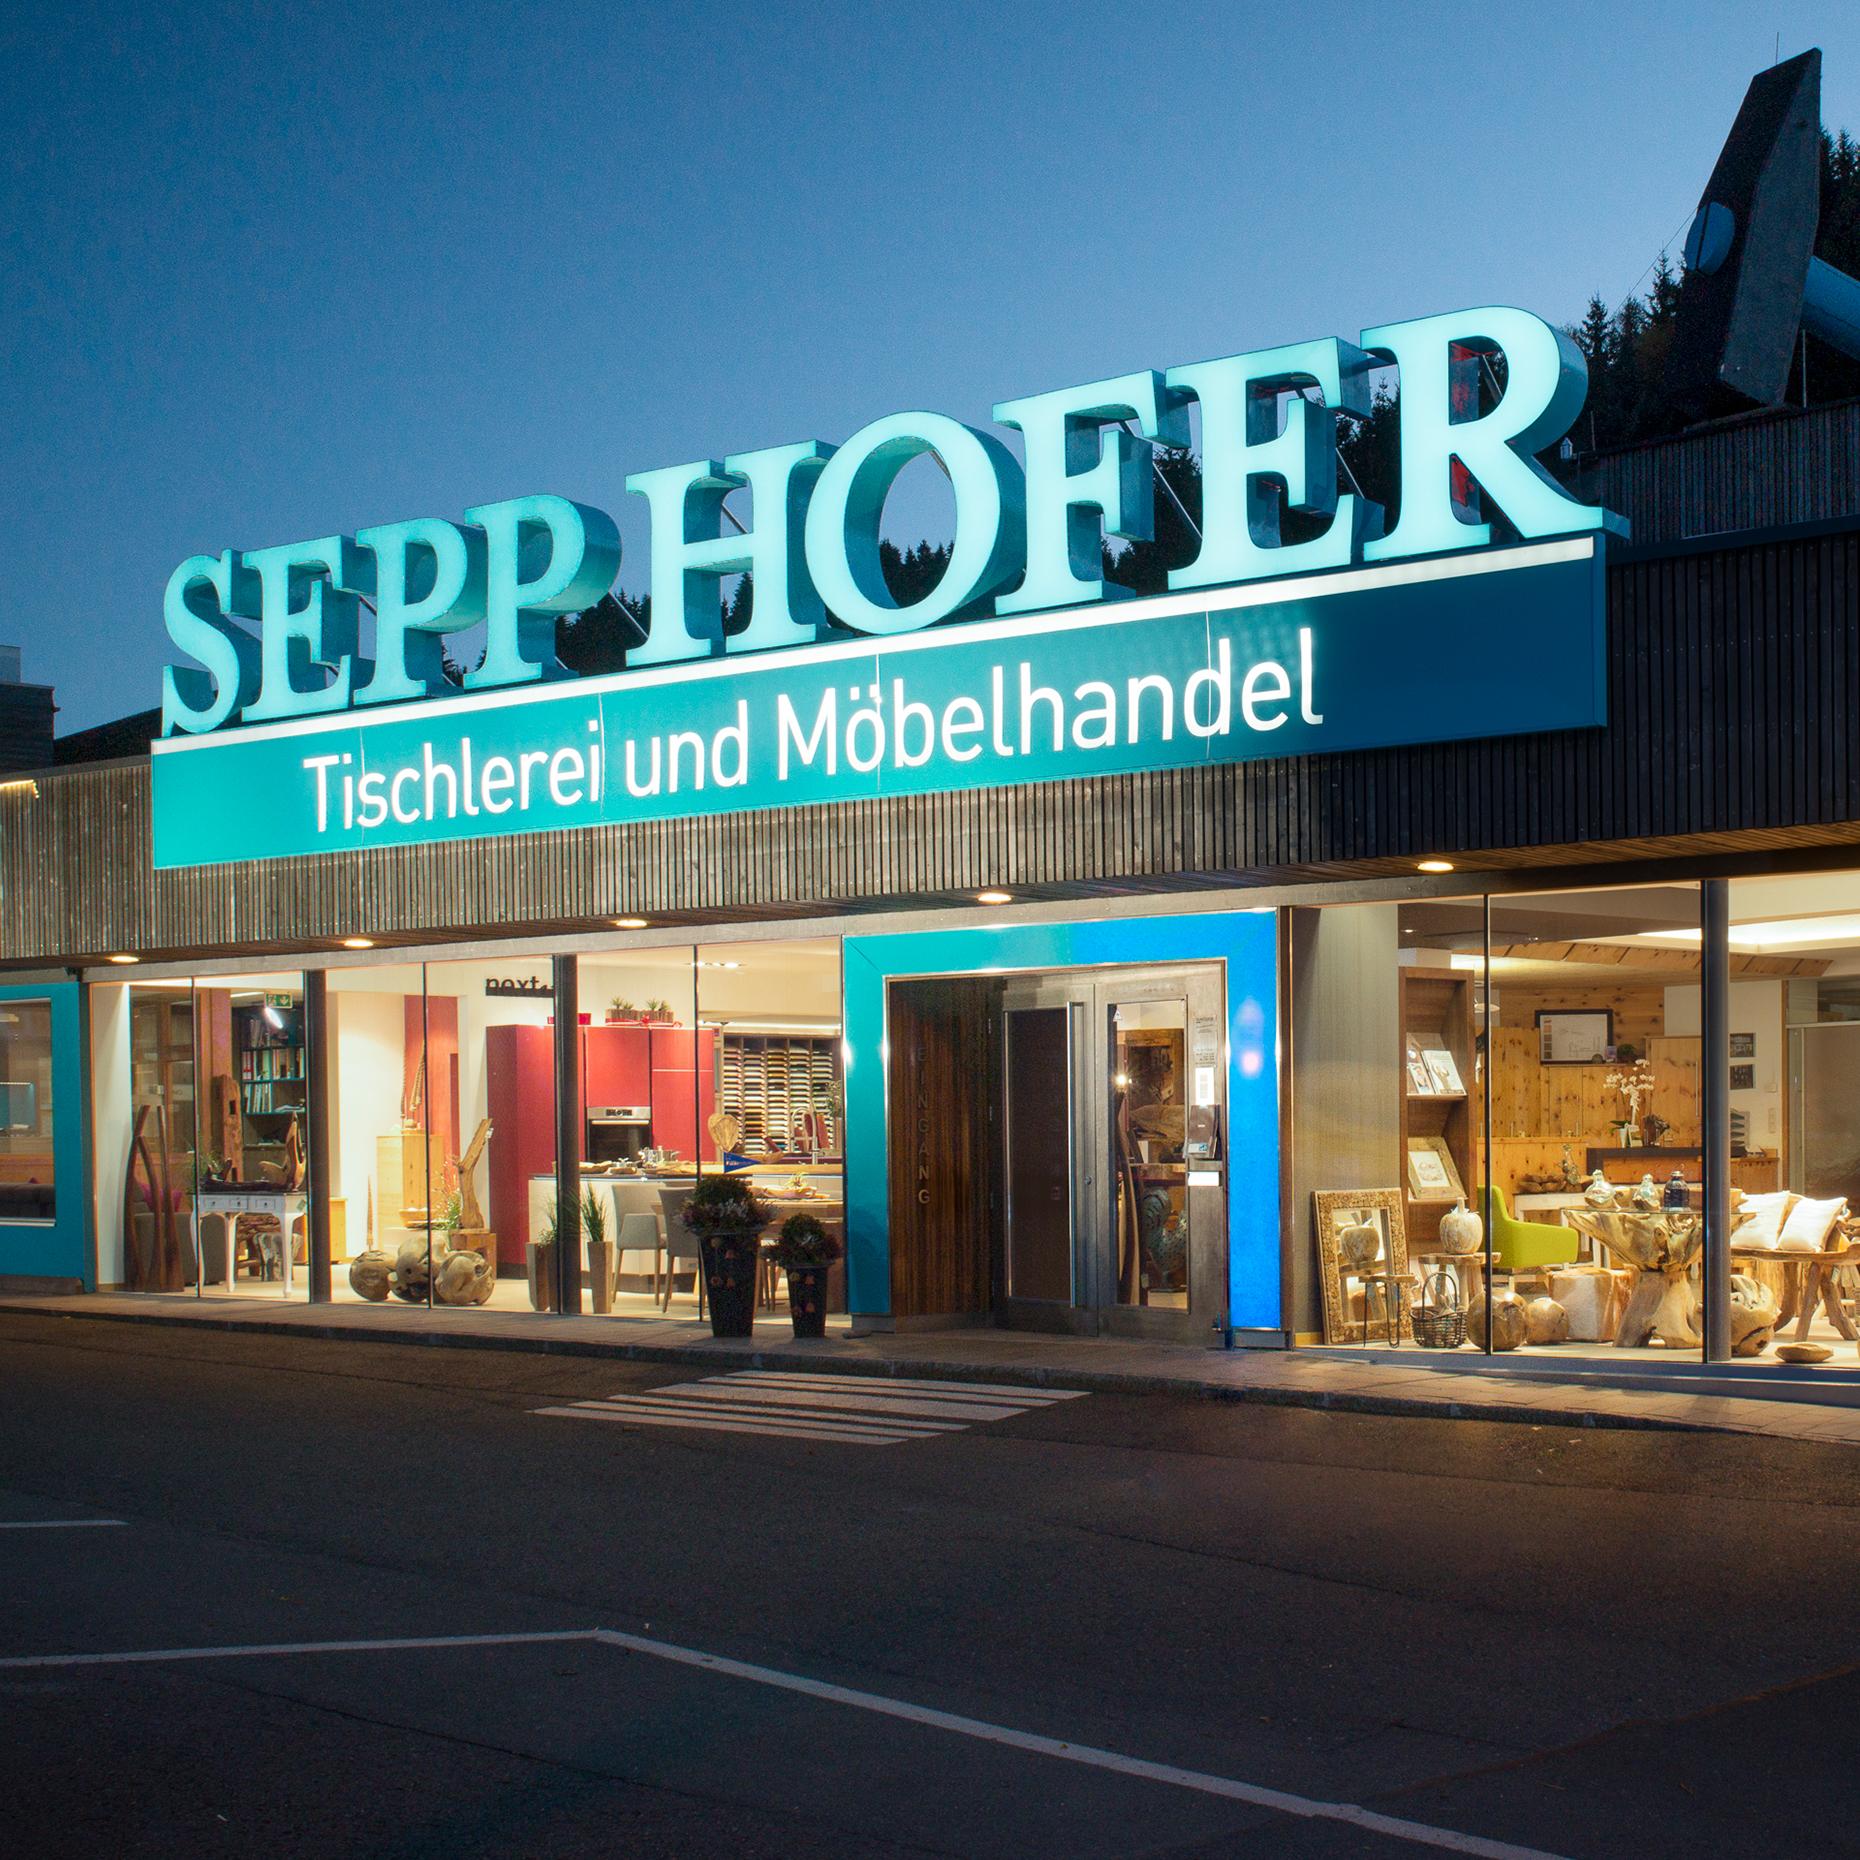 Sepp Hofer Tischlerei